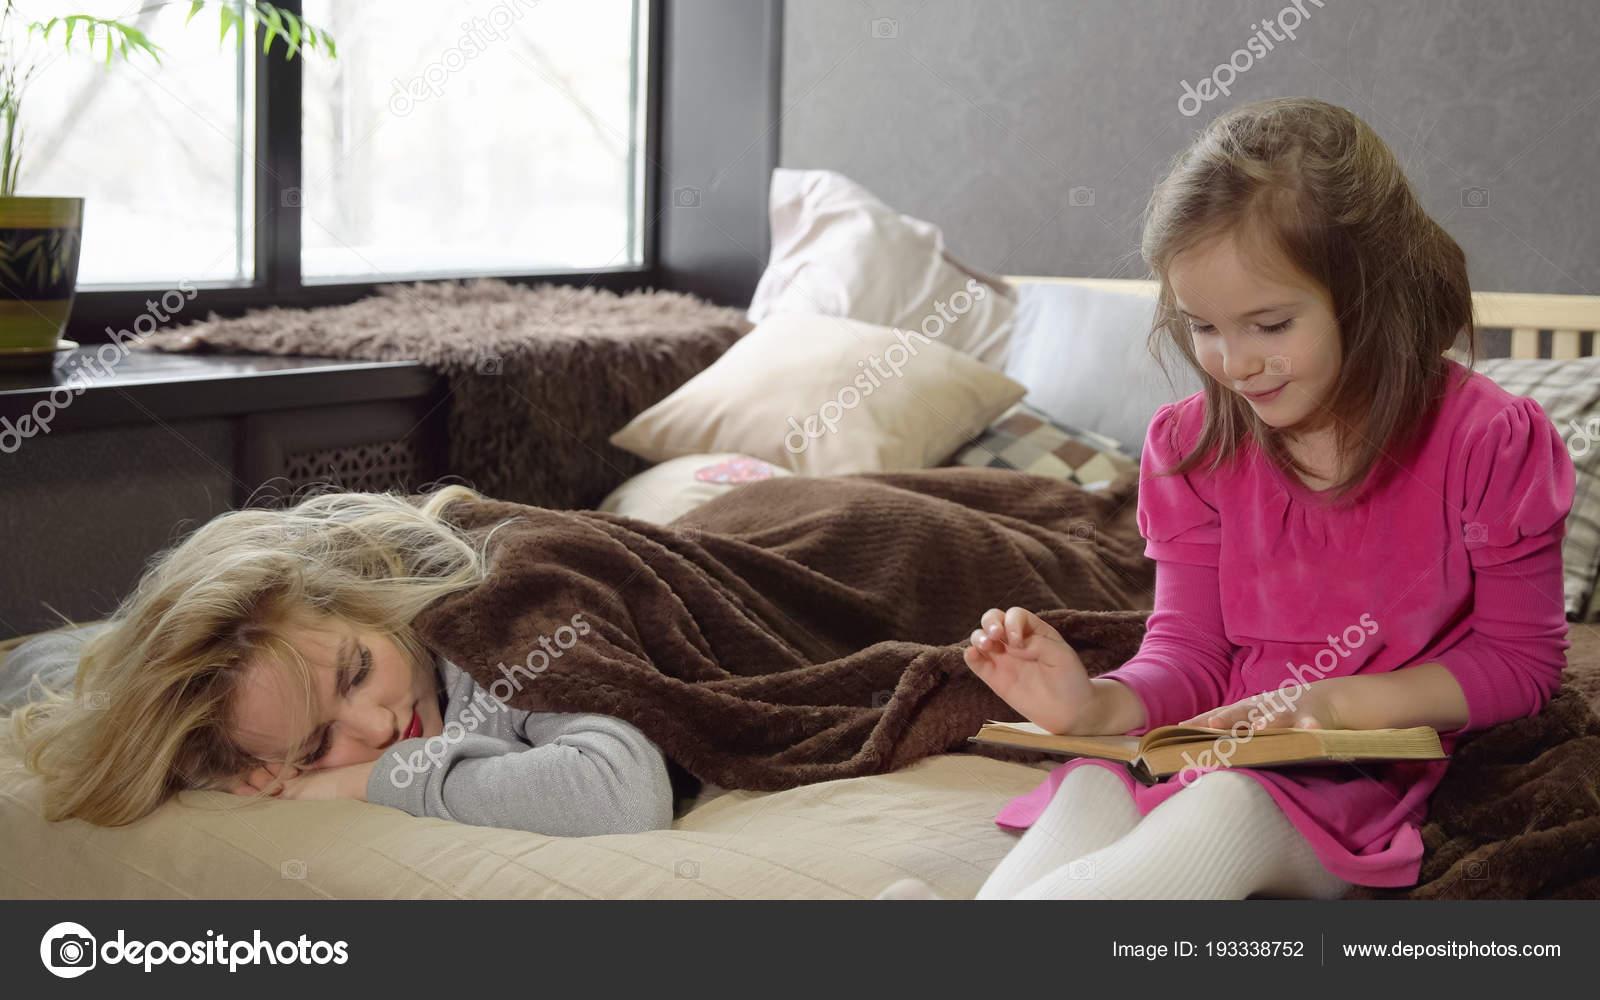 Трахает мать пока та спит русские, Сын трахнул спящую мать Cмотреть бесплатно порно 26 фотография